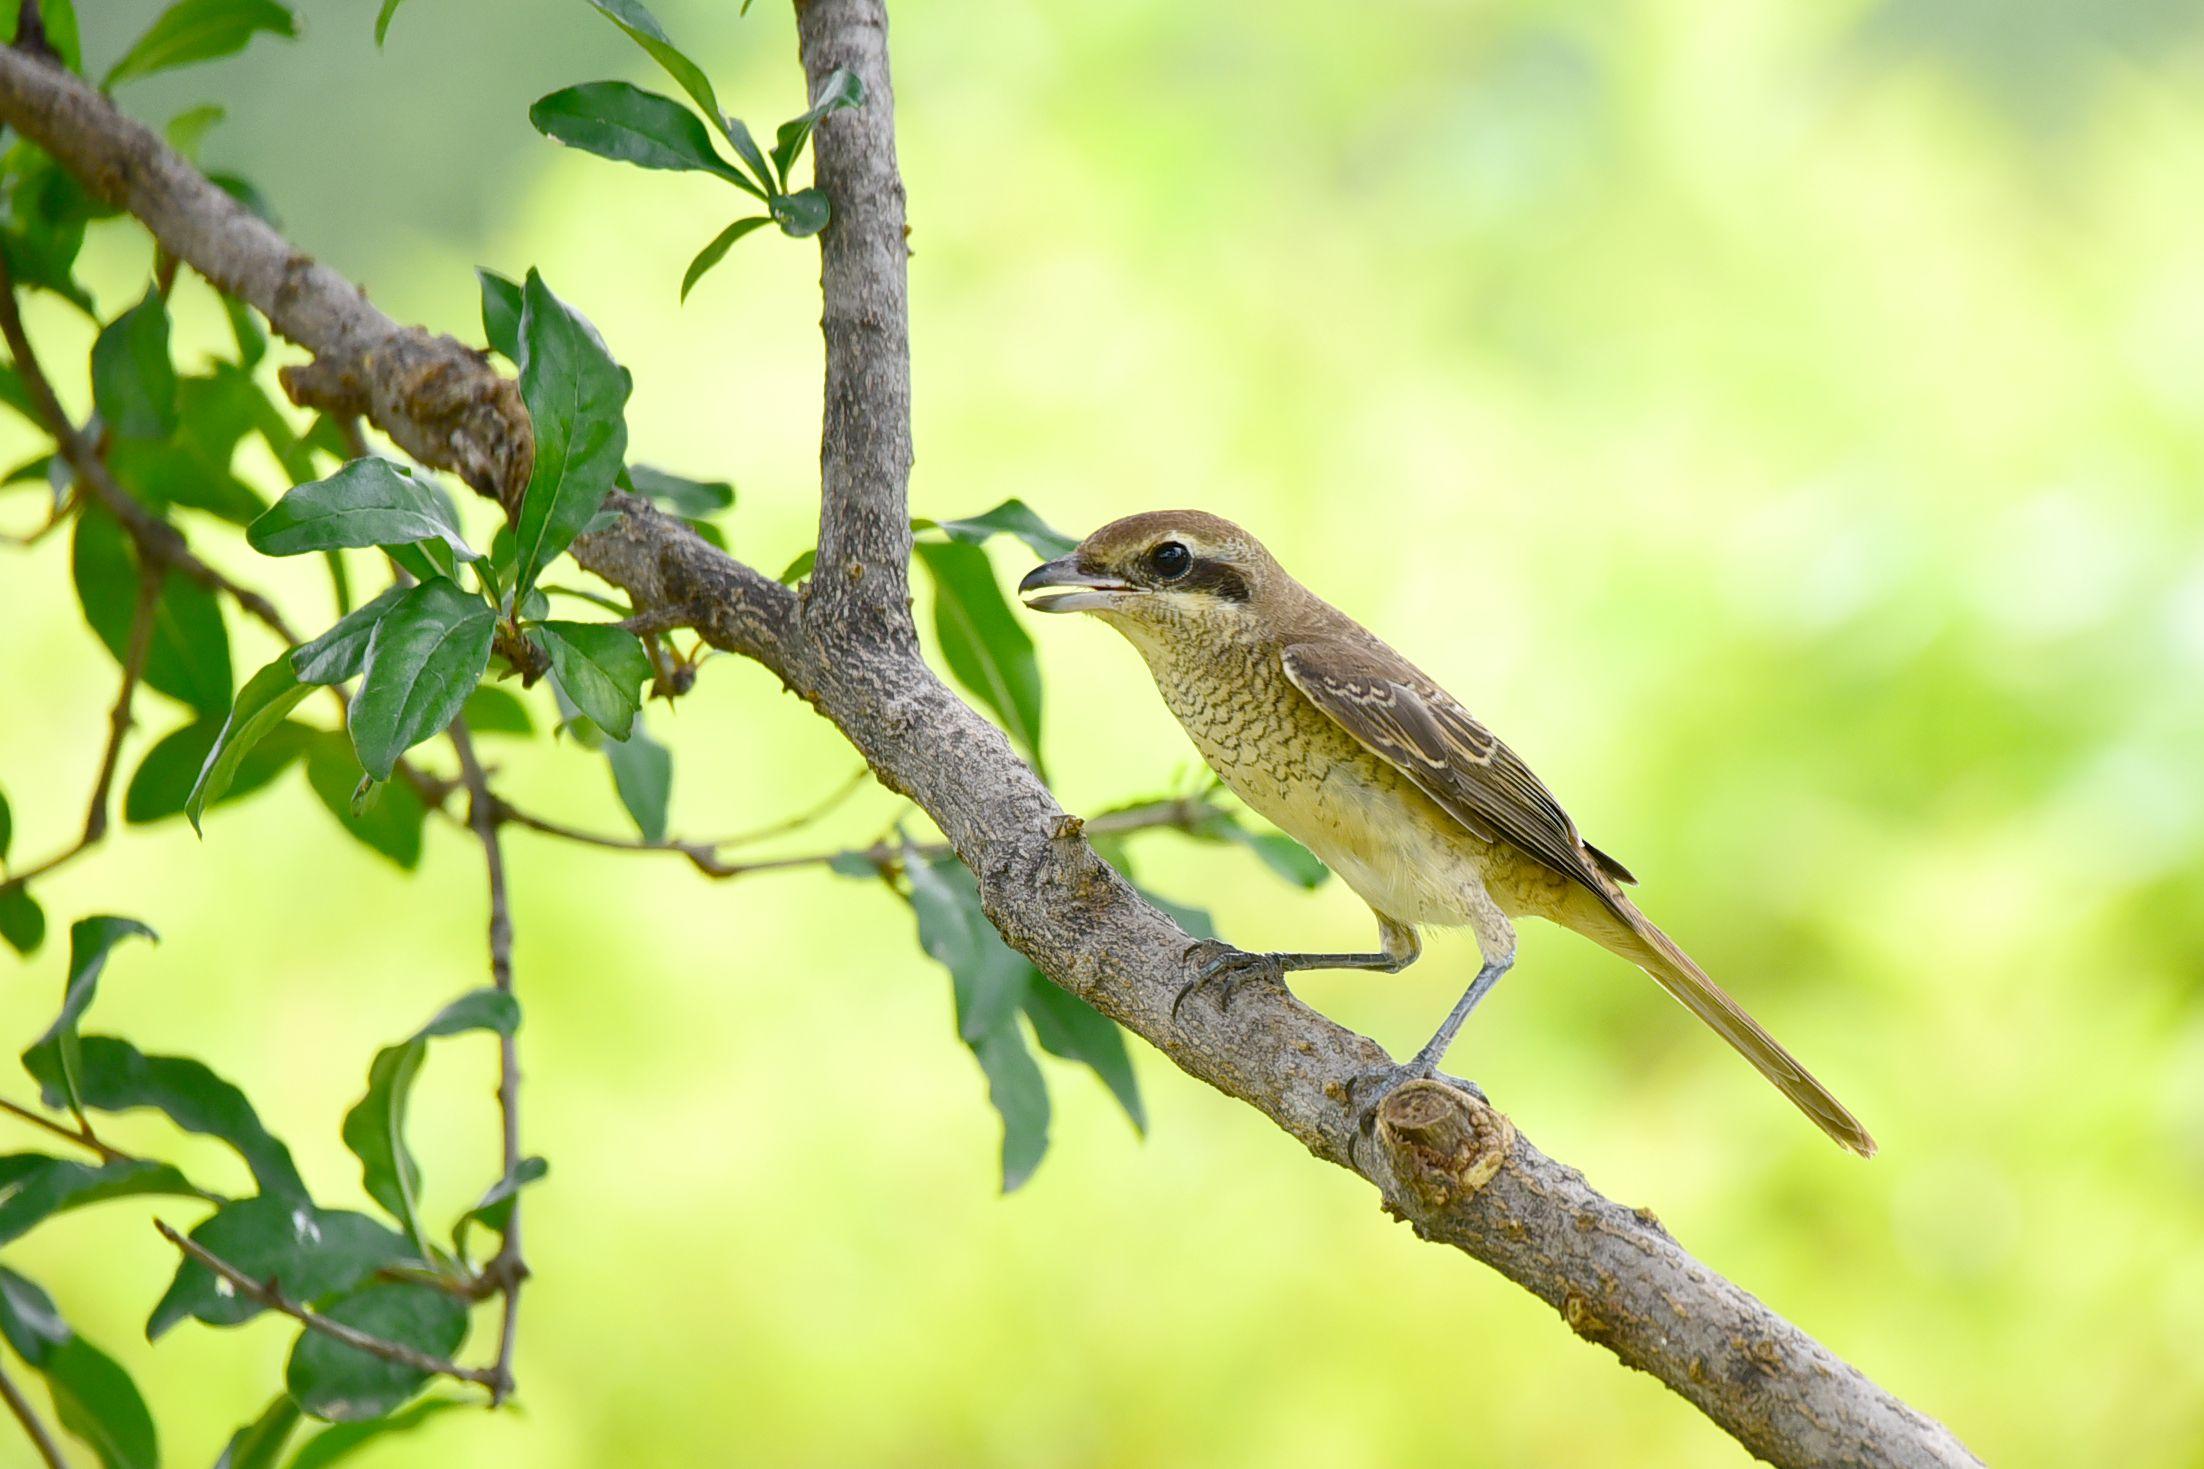 石榴树上的红尾伯劳(六) - 鸟类动物 - 齐鲁社区 齐鲁